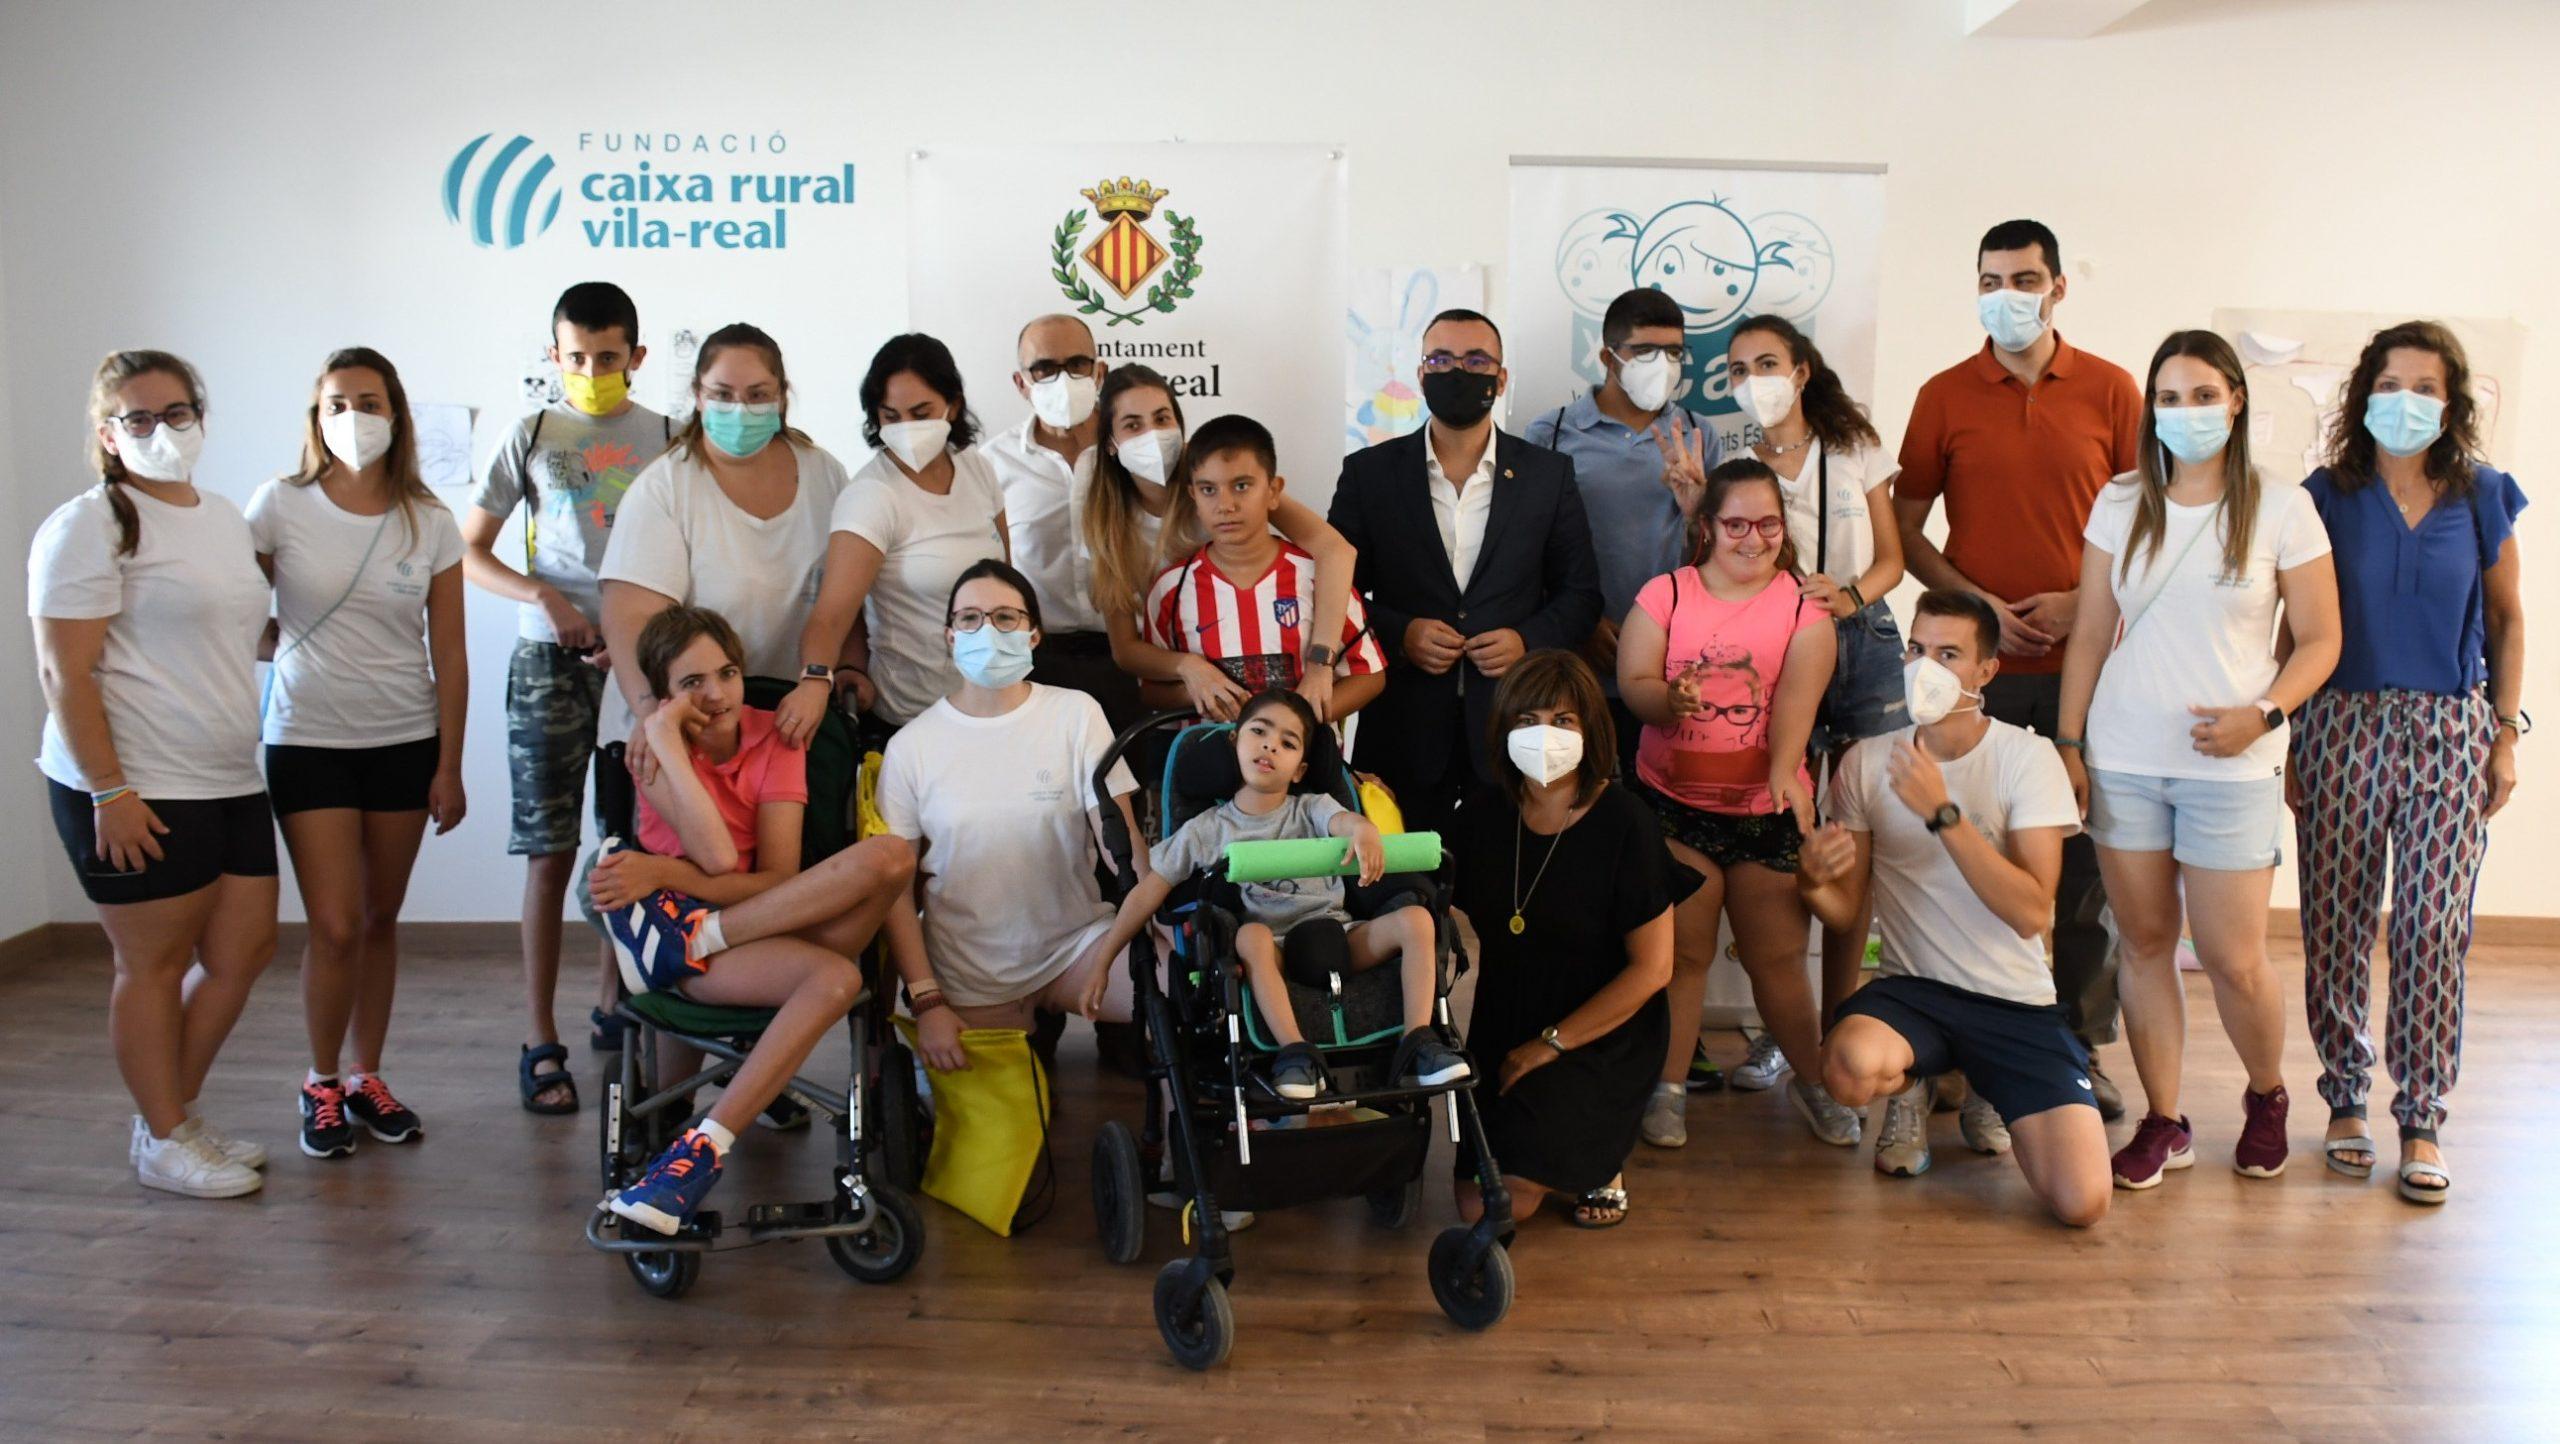 Fundació Caixa Rural Vila-real presenta Neurovila